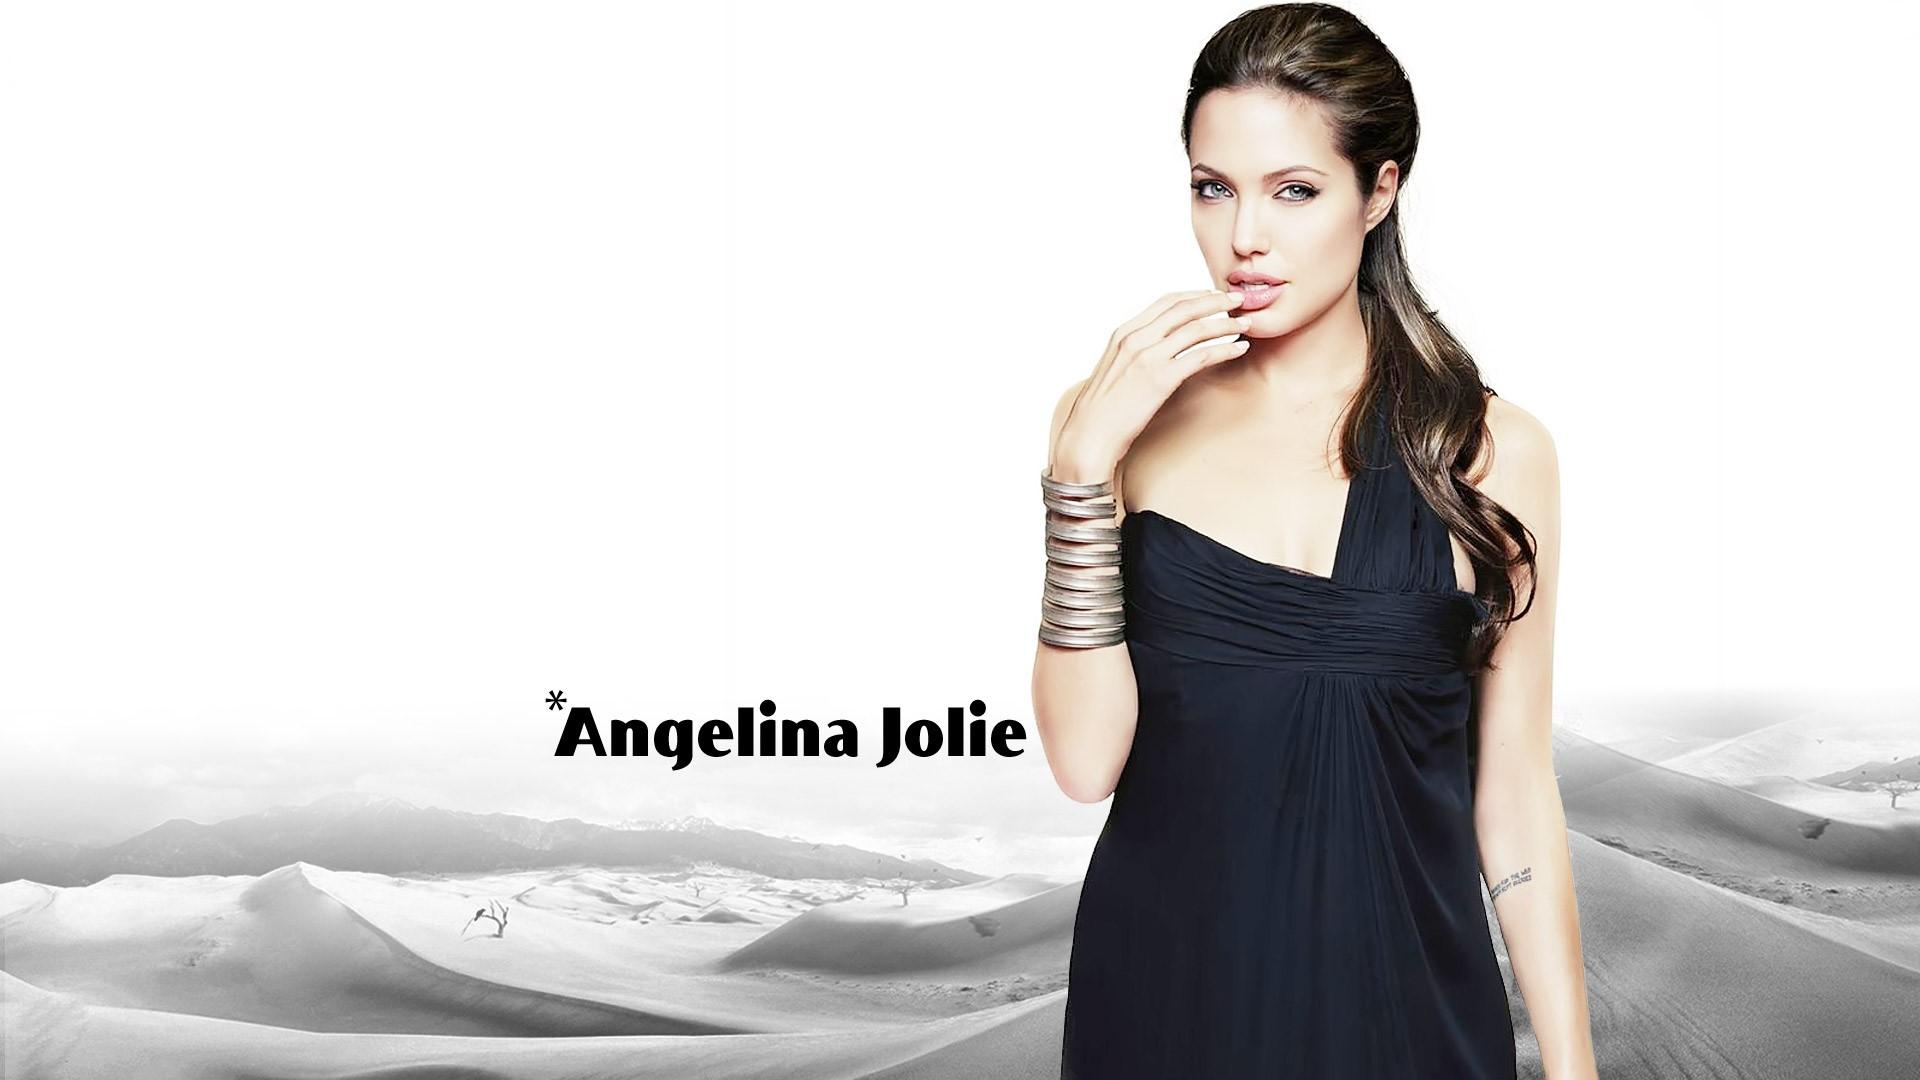 Angelina Jolie Wallpapers 4